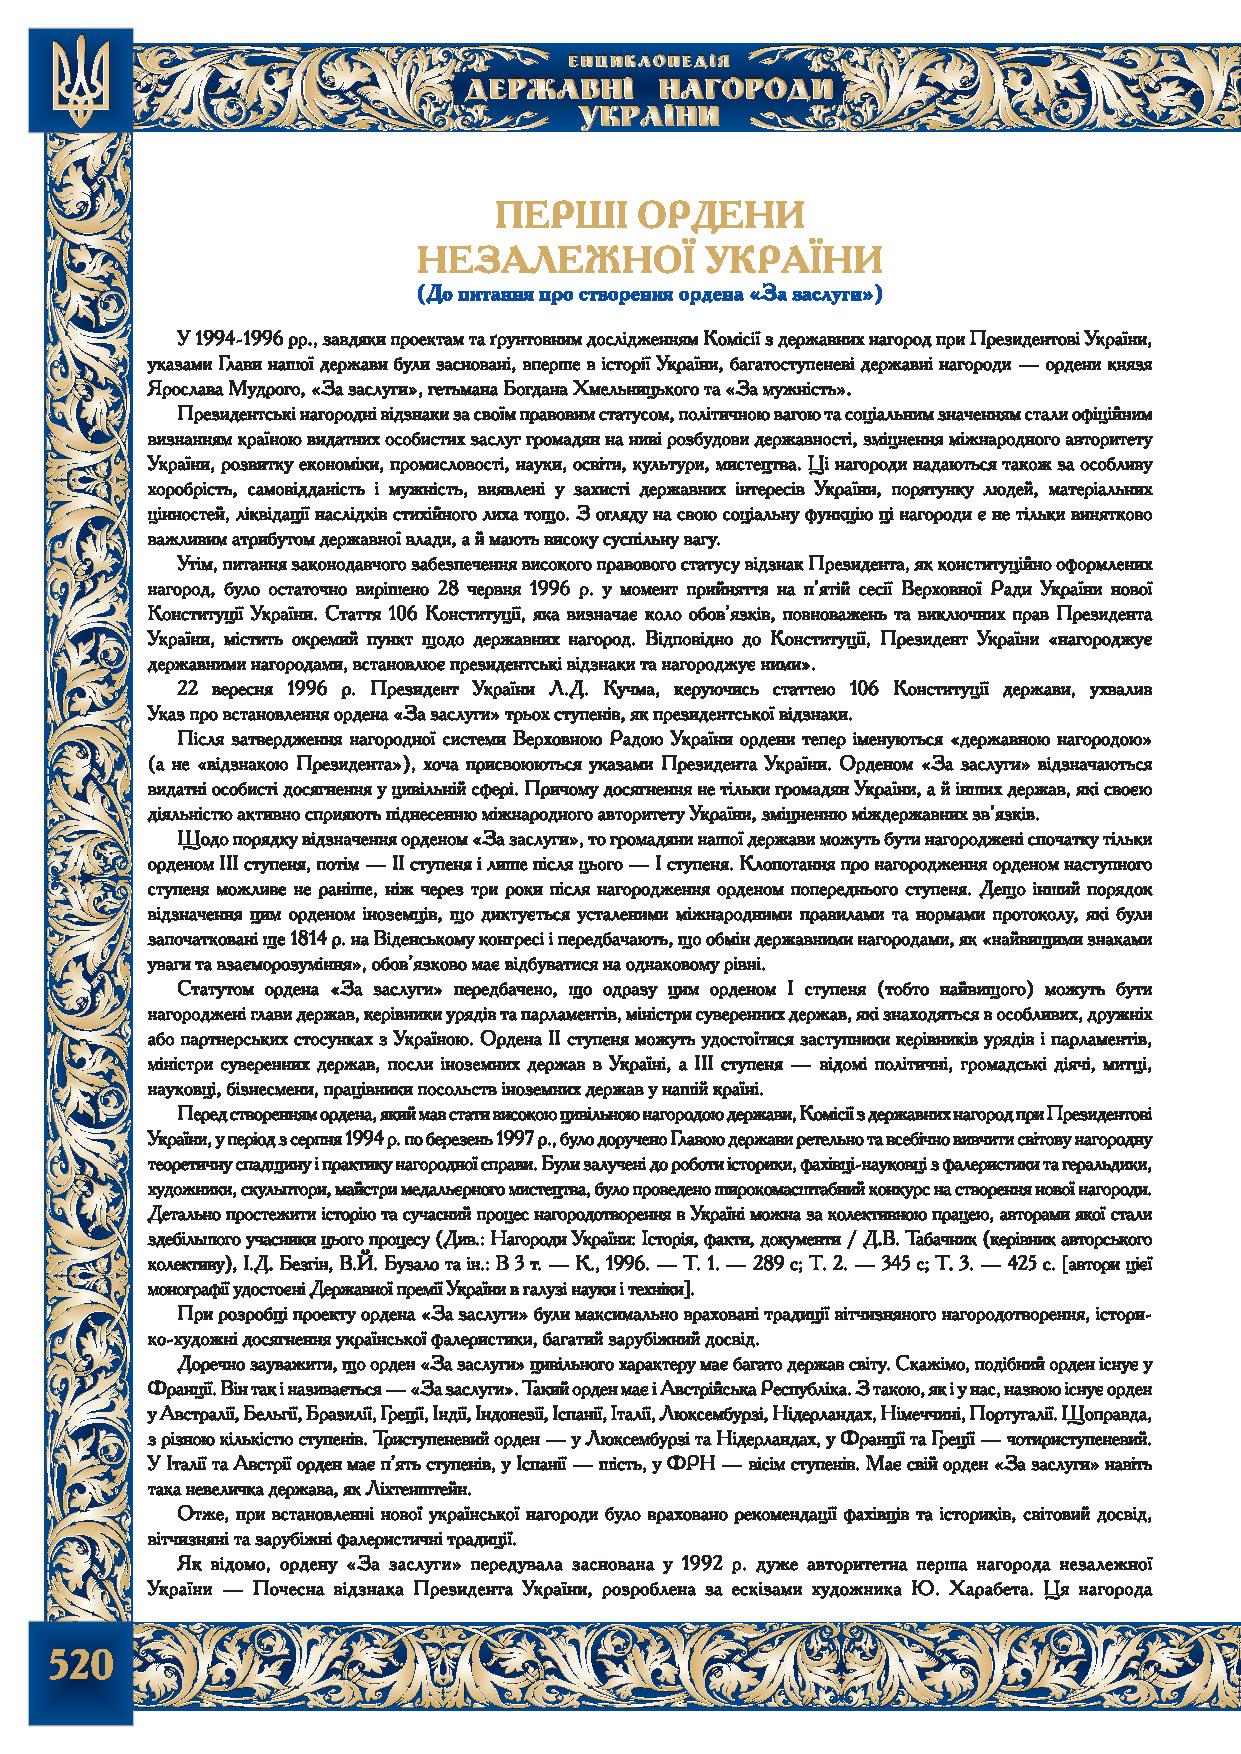 Перші ордени незалежної України